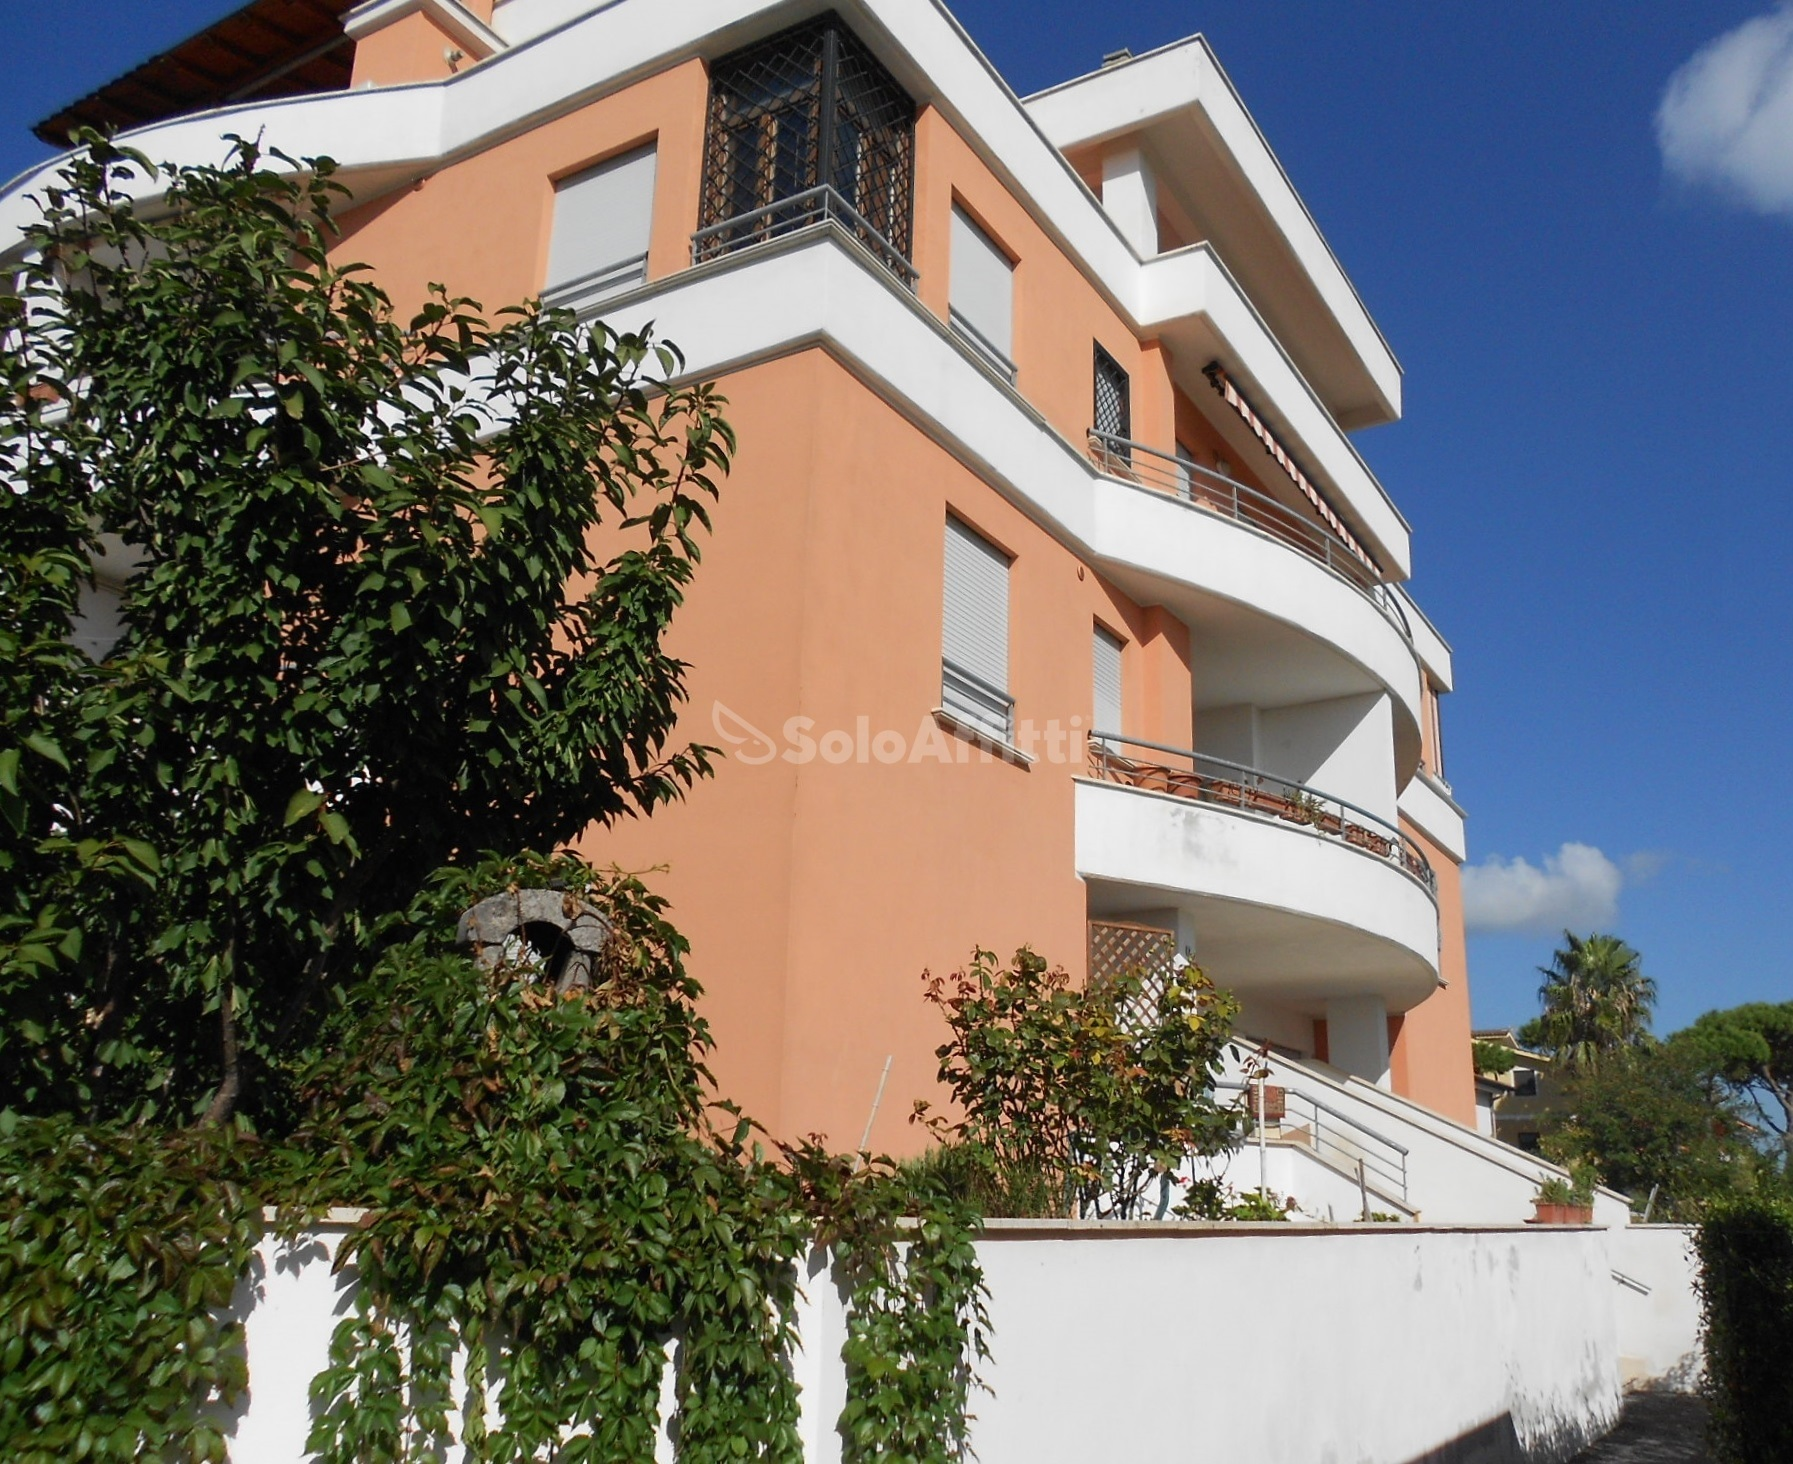 Fiumicino, Isola Sacra - appartamento quadrilocale